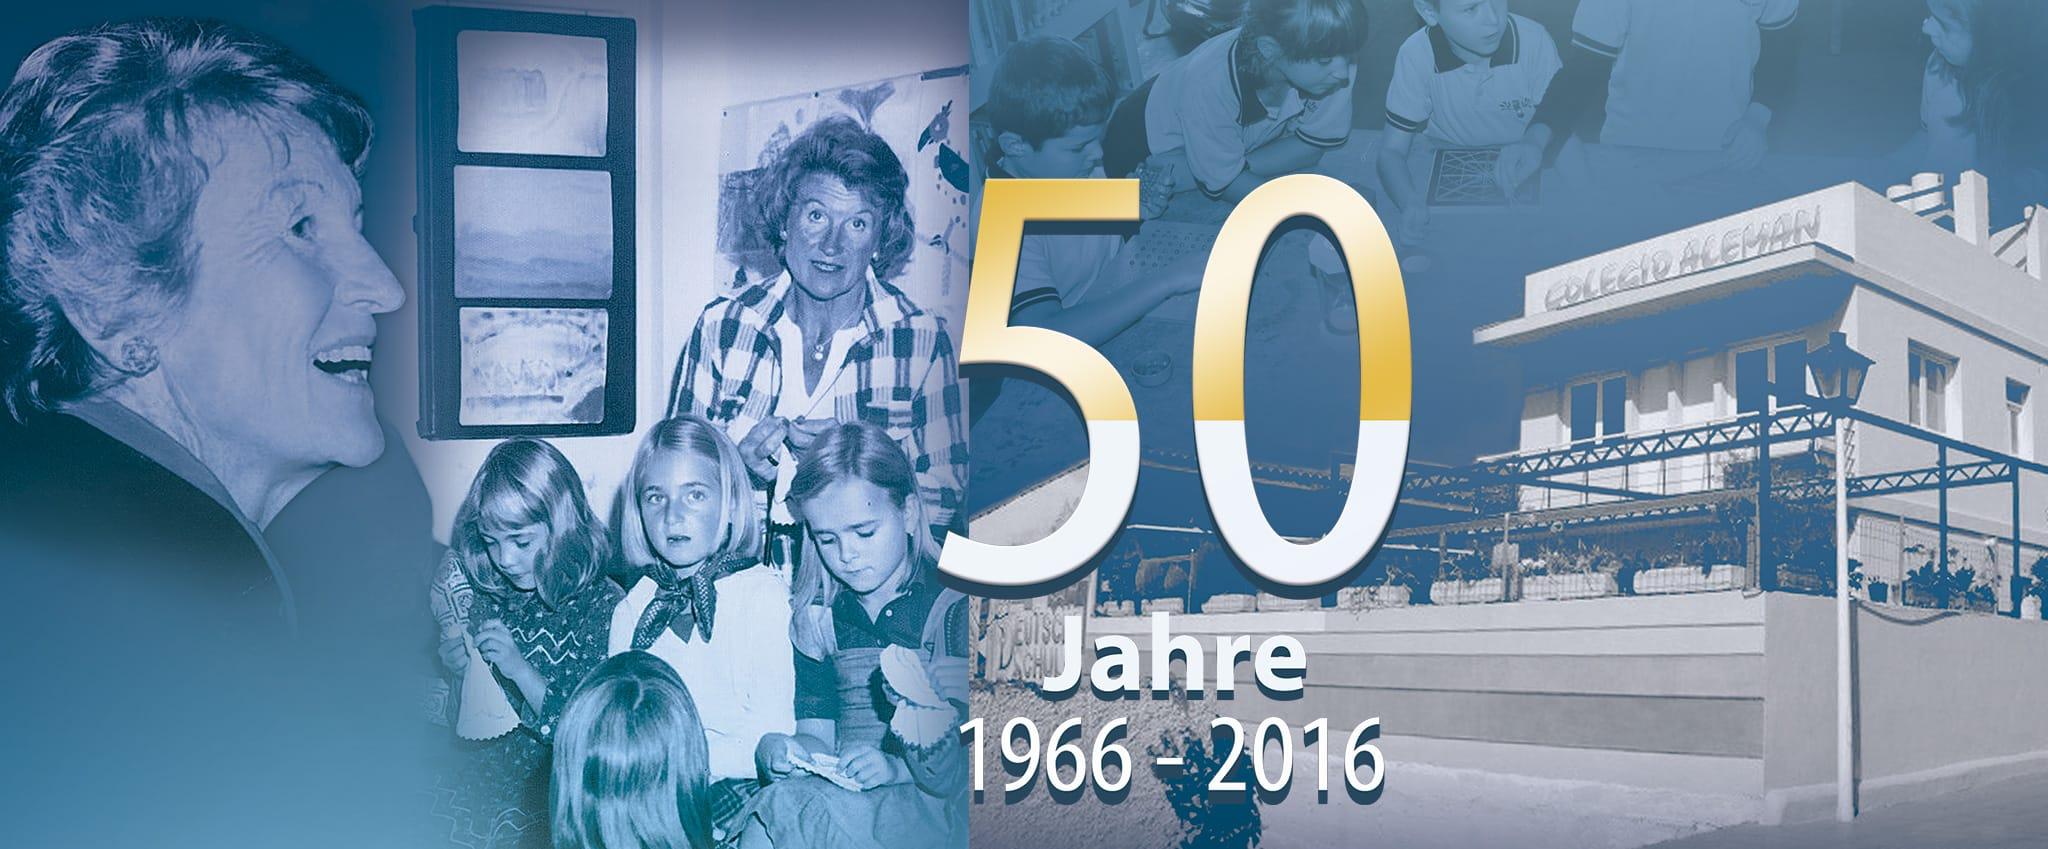 Rosemarie von Levetzow 50 Años CADS 1966 - 2016